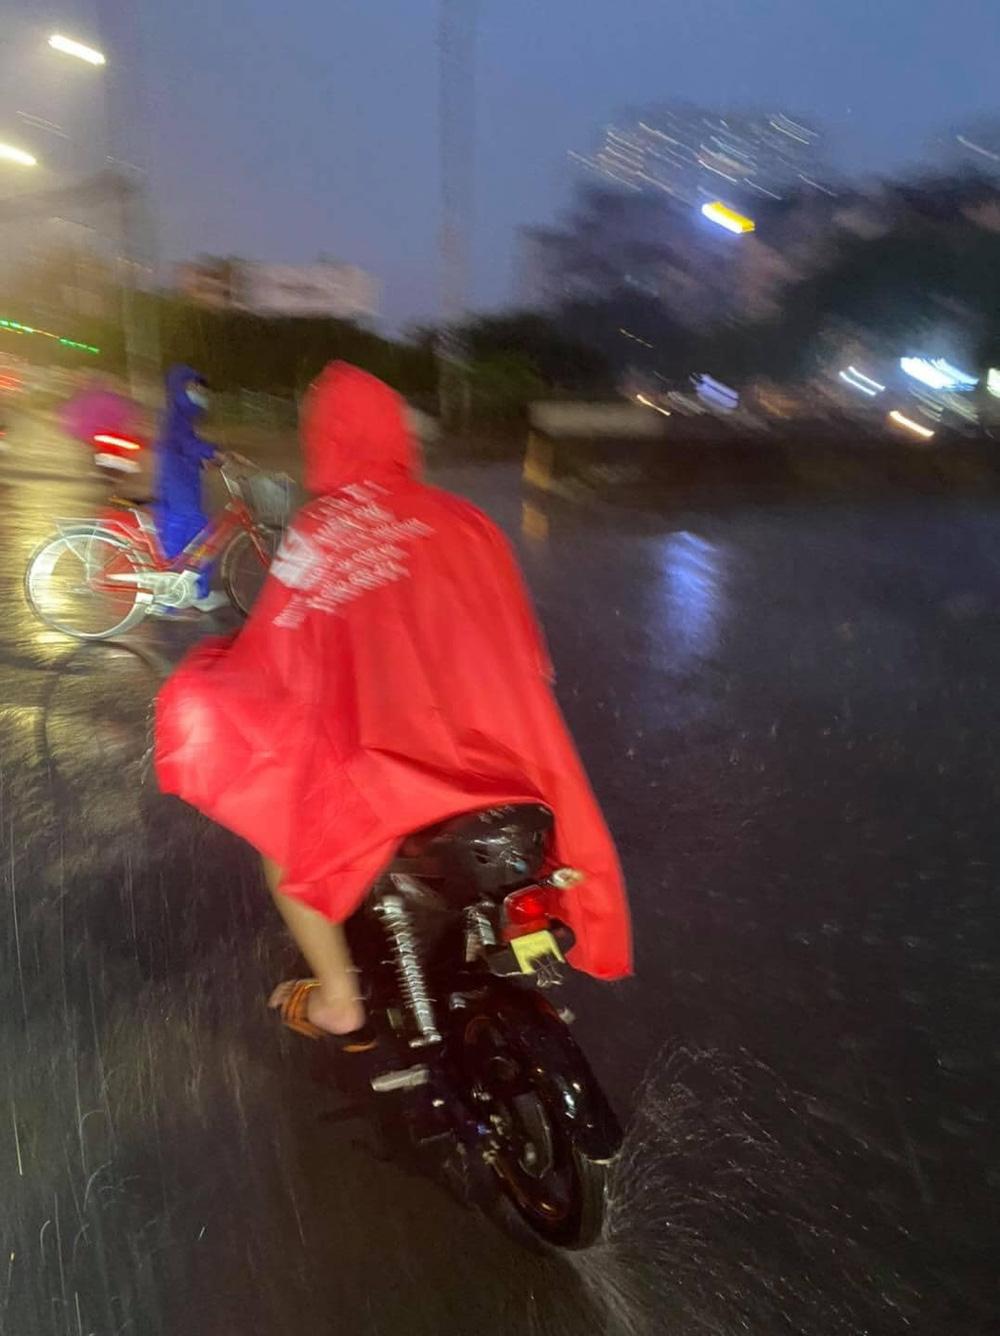 Gặp cậu bé đi đường, người đàn ông ráo riết đuổi theo giữa cơn mưa và có hành động lạ - Ảnh 4.